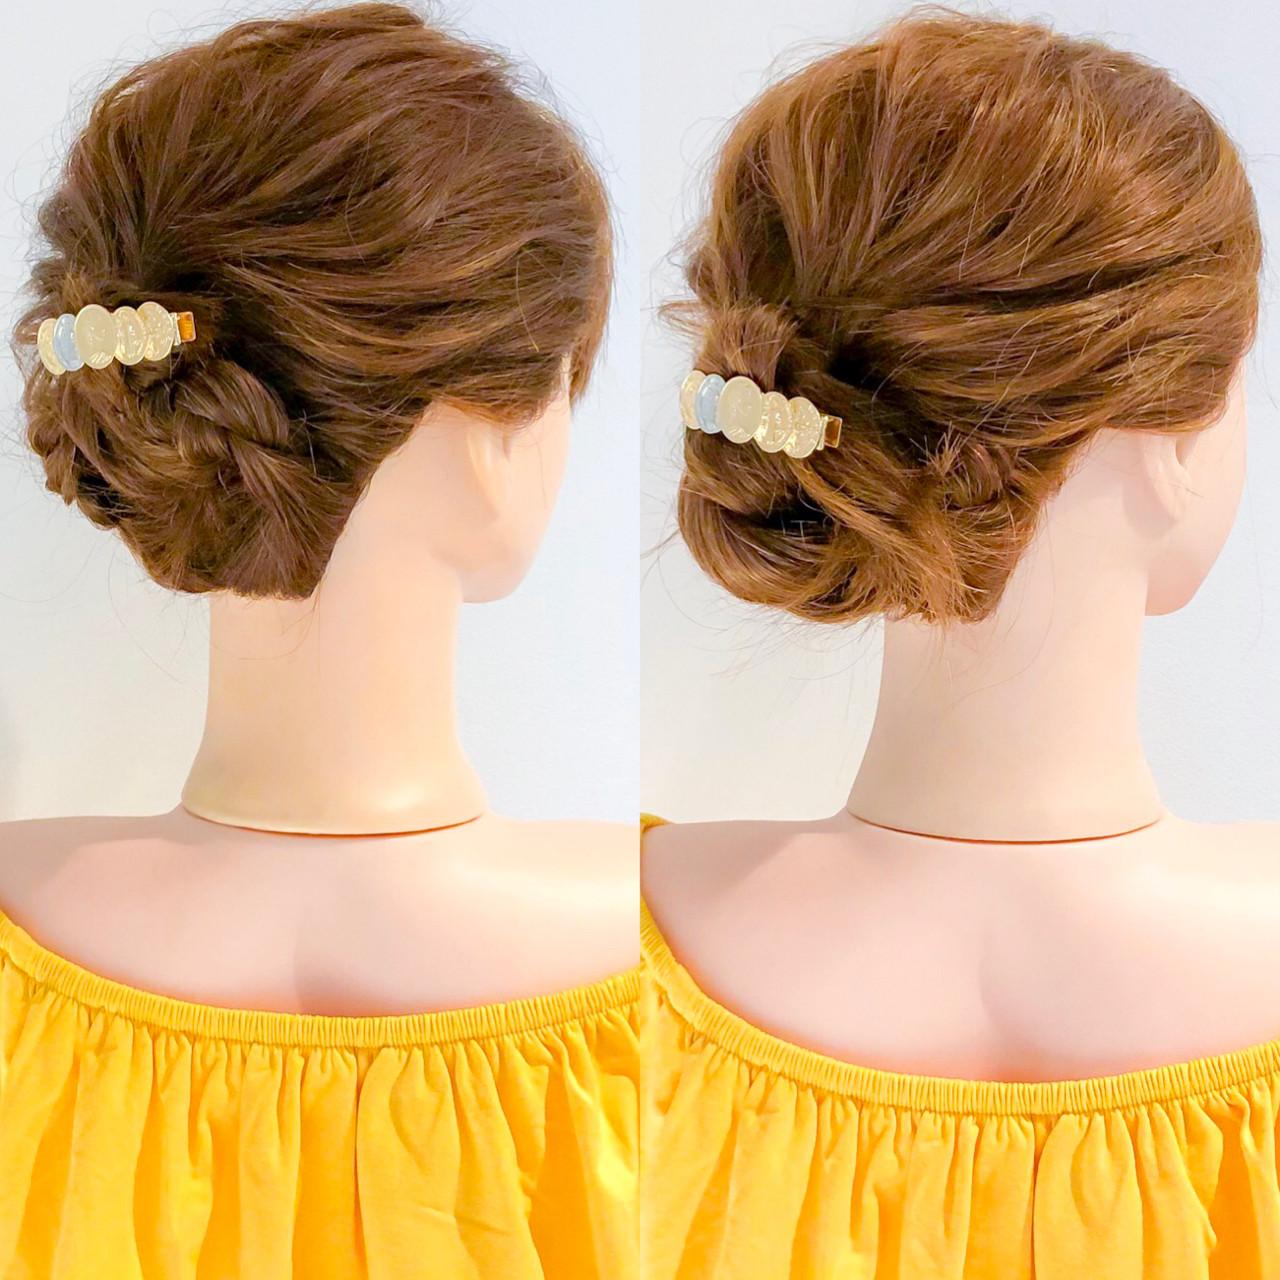 エレガント アウトドア 上品 ロング ヘアスタイルや髪型の写真・画像 | 美容師HIRO/Amoute代表 / Amoute/アムティ